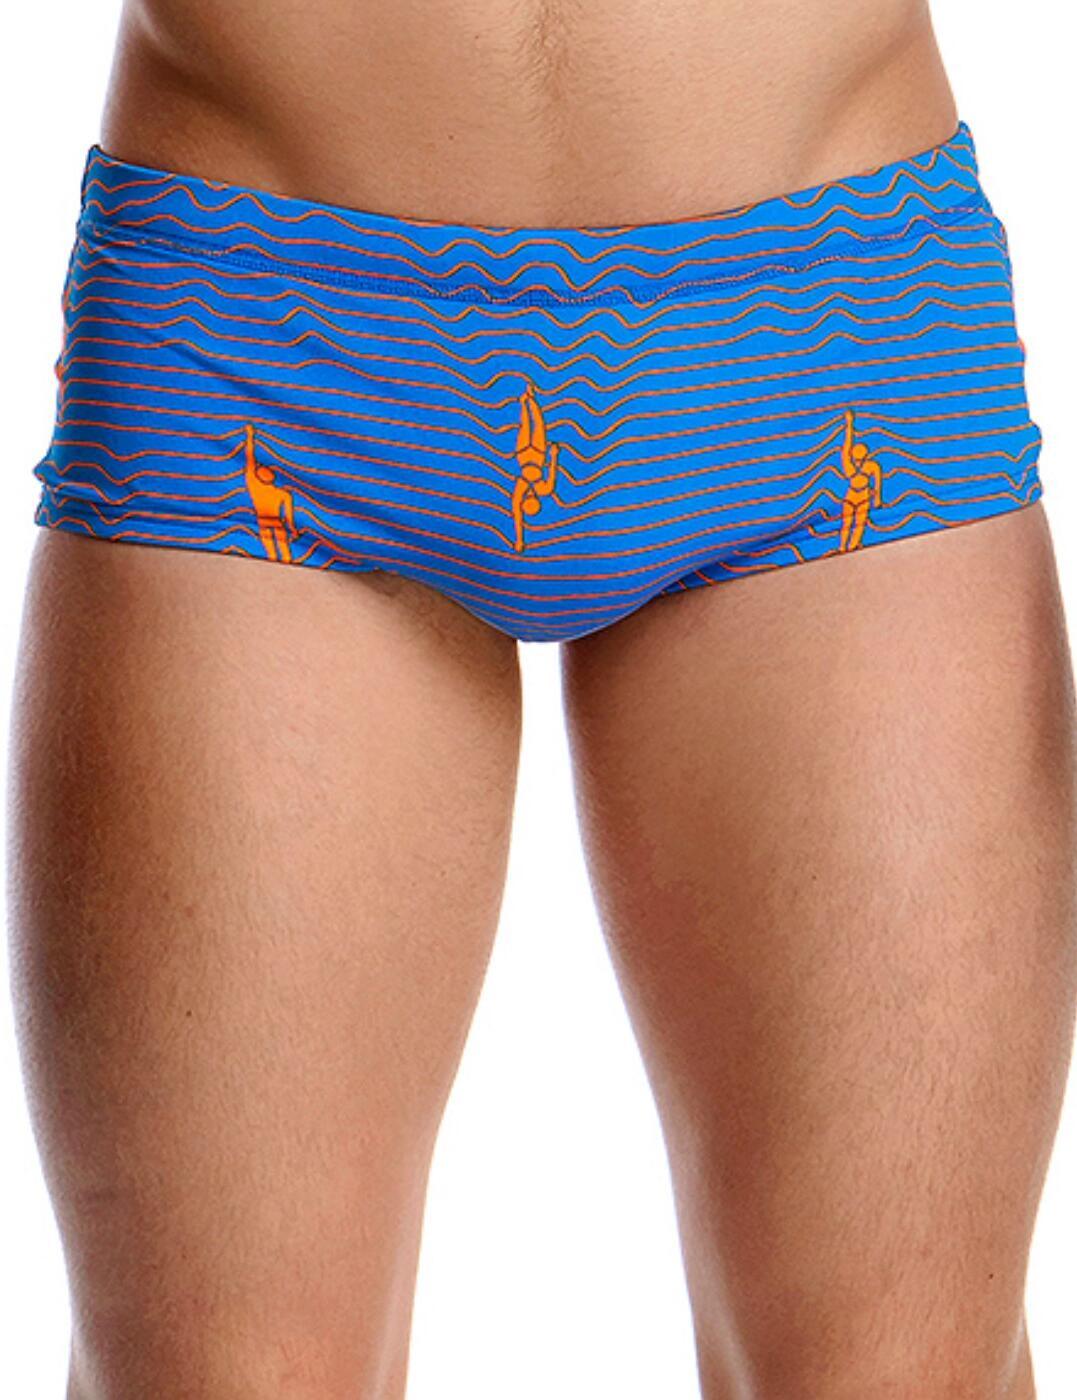 FT01M02000 Funky Trunks Mens Ocean Swim Swimming Trunks - FT01M02000 Ocean Swim